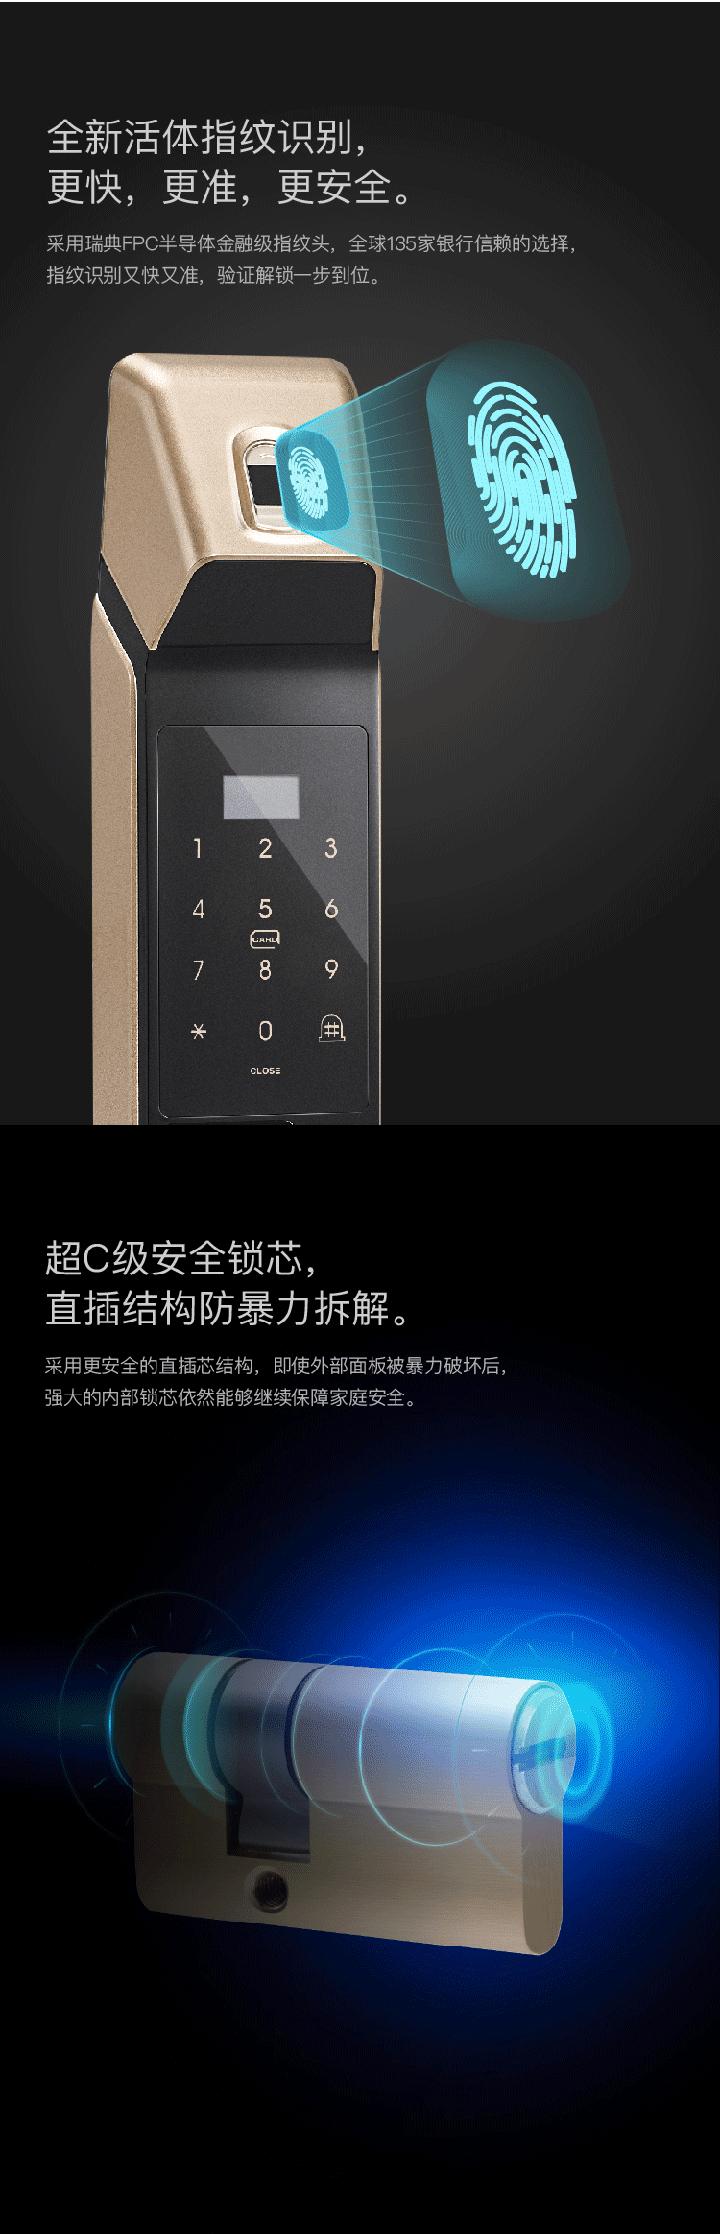 小燕全自动智能锁Titan免费试用,评测